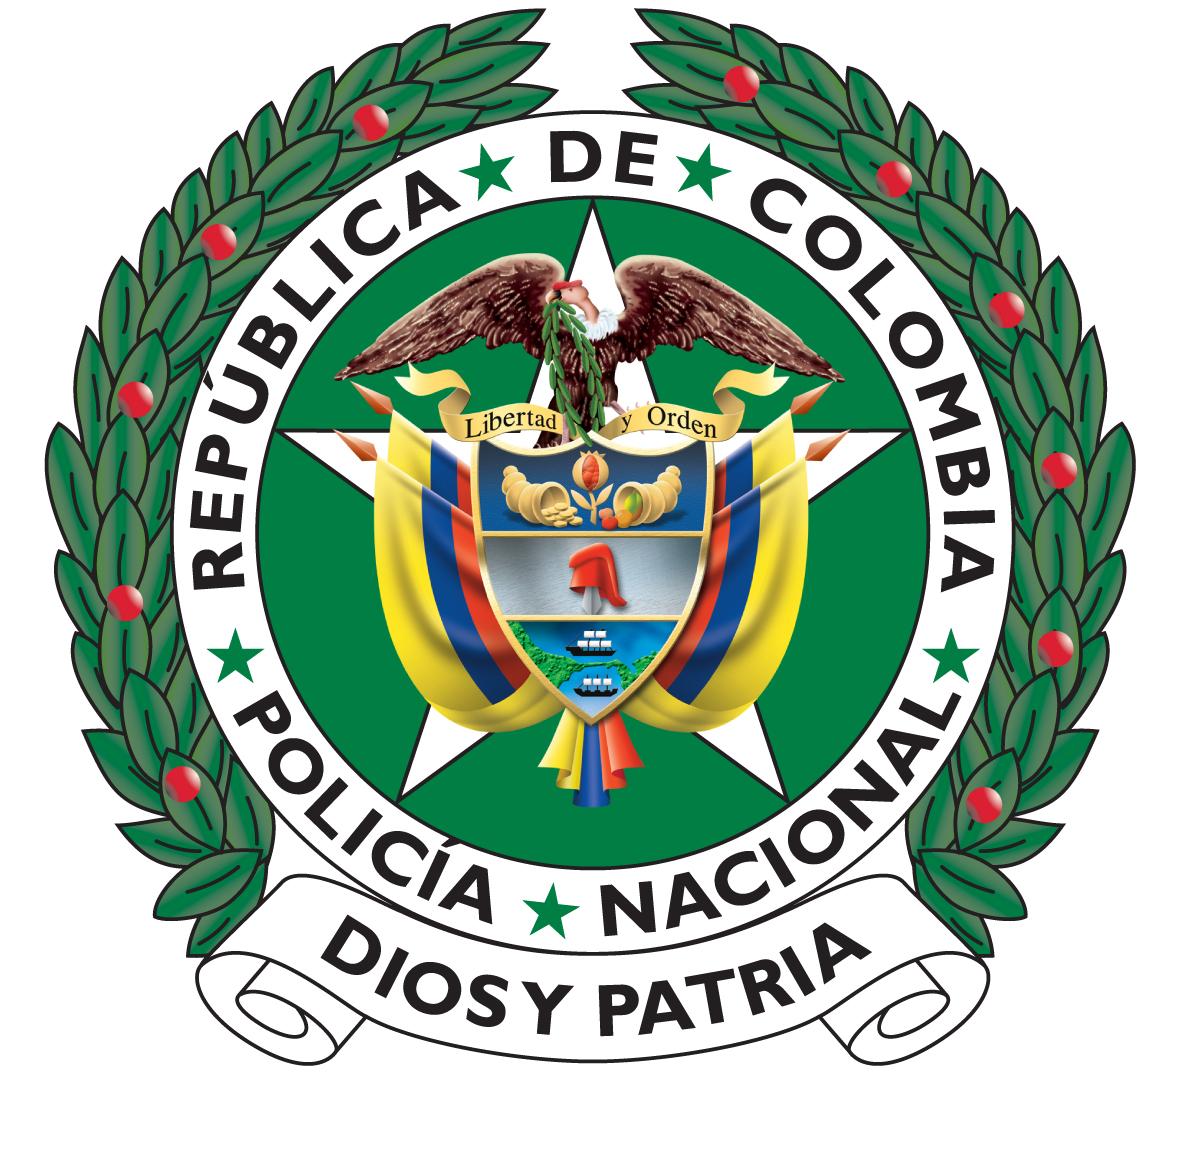 Archivo:Escudo Policía Nacional de Colombia.jpg - Wikipedia, la ...